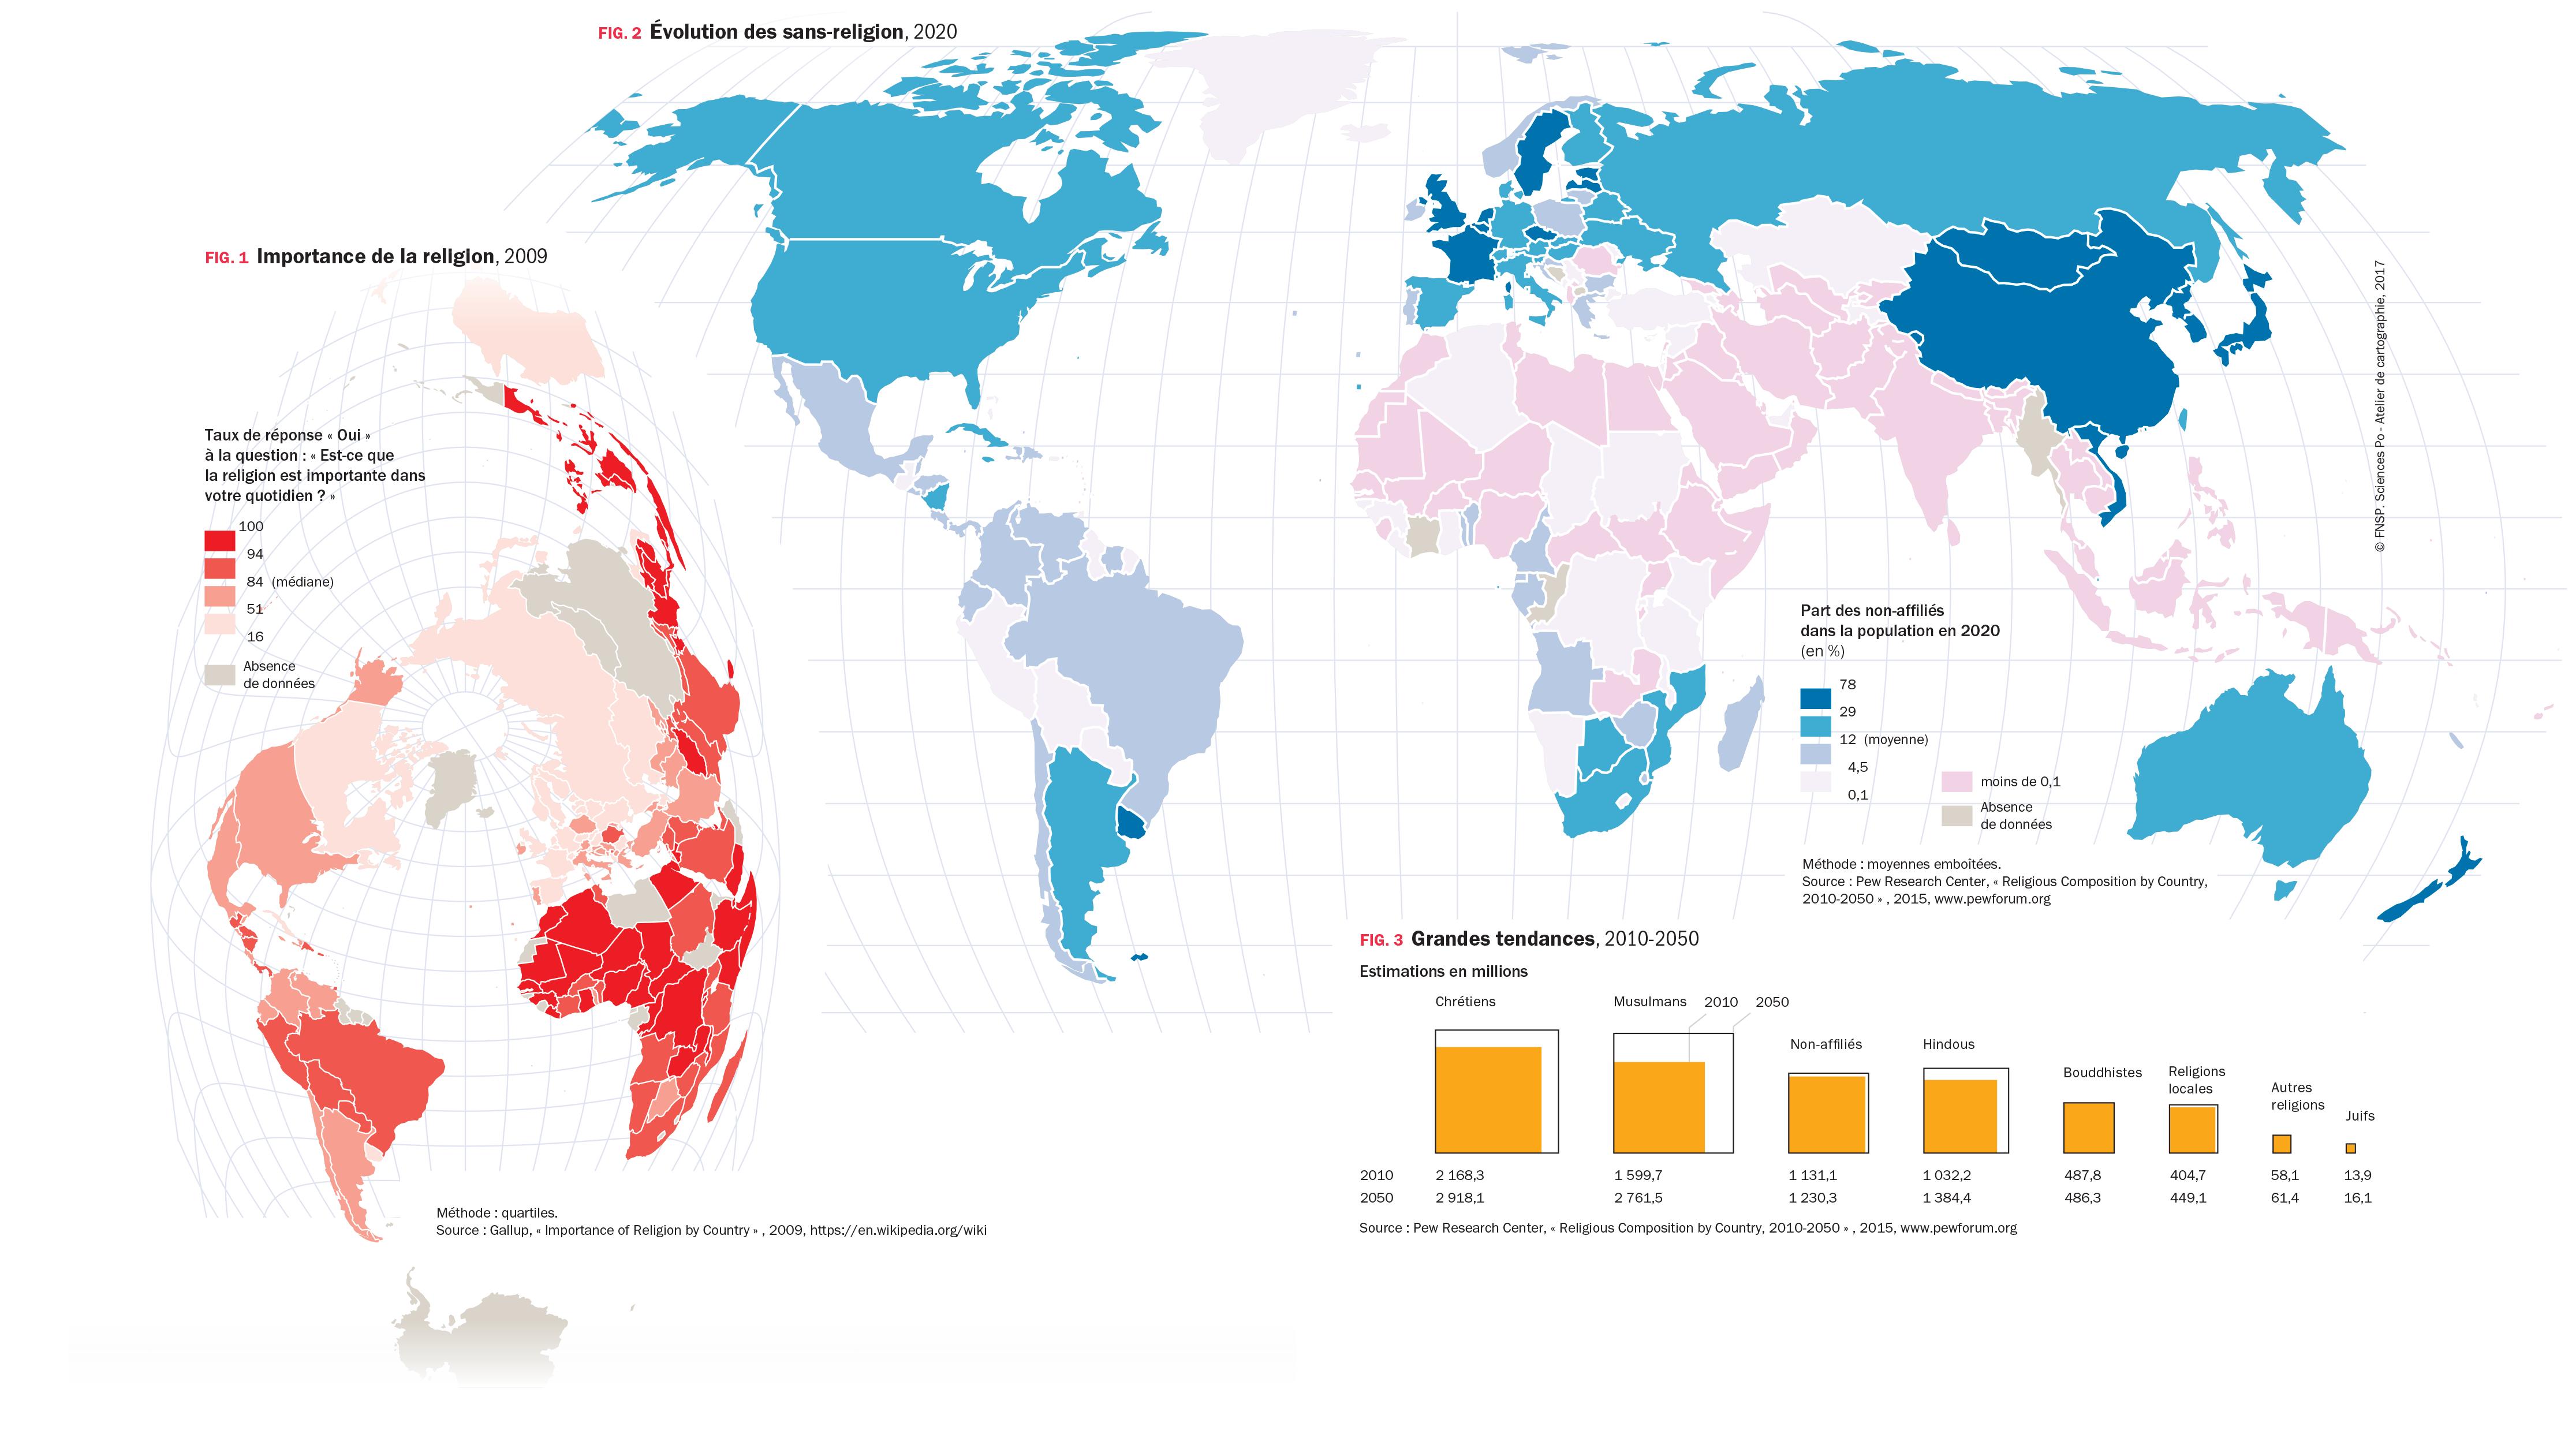 Avec et sans religion dans le monde - 2 cartes et 1 graphique